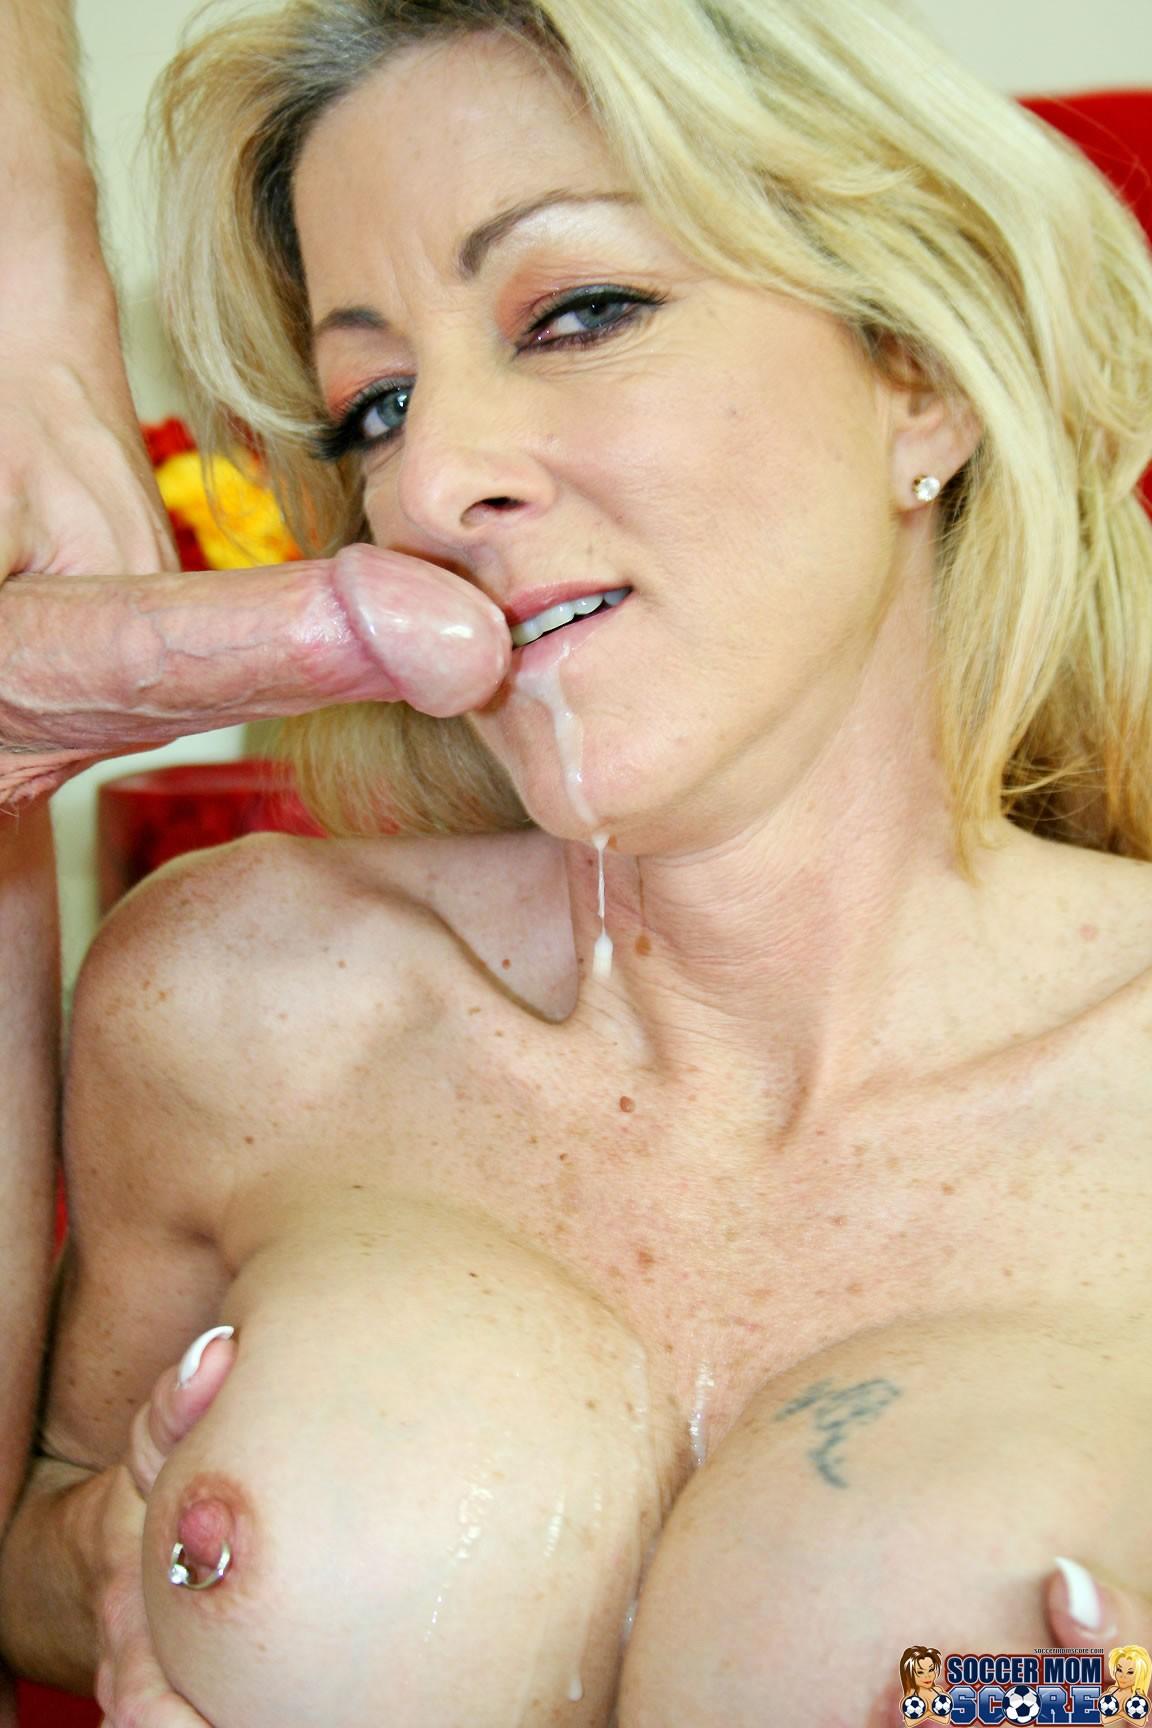 footjob a dildo tgp – Erotisch